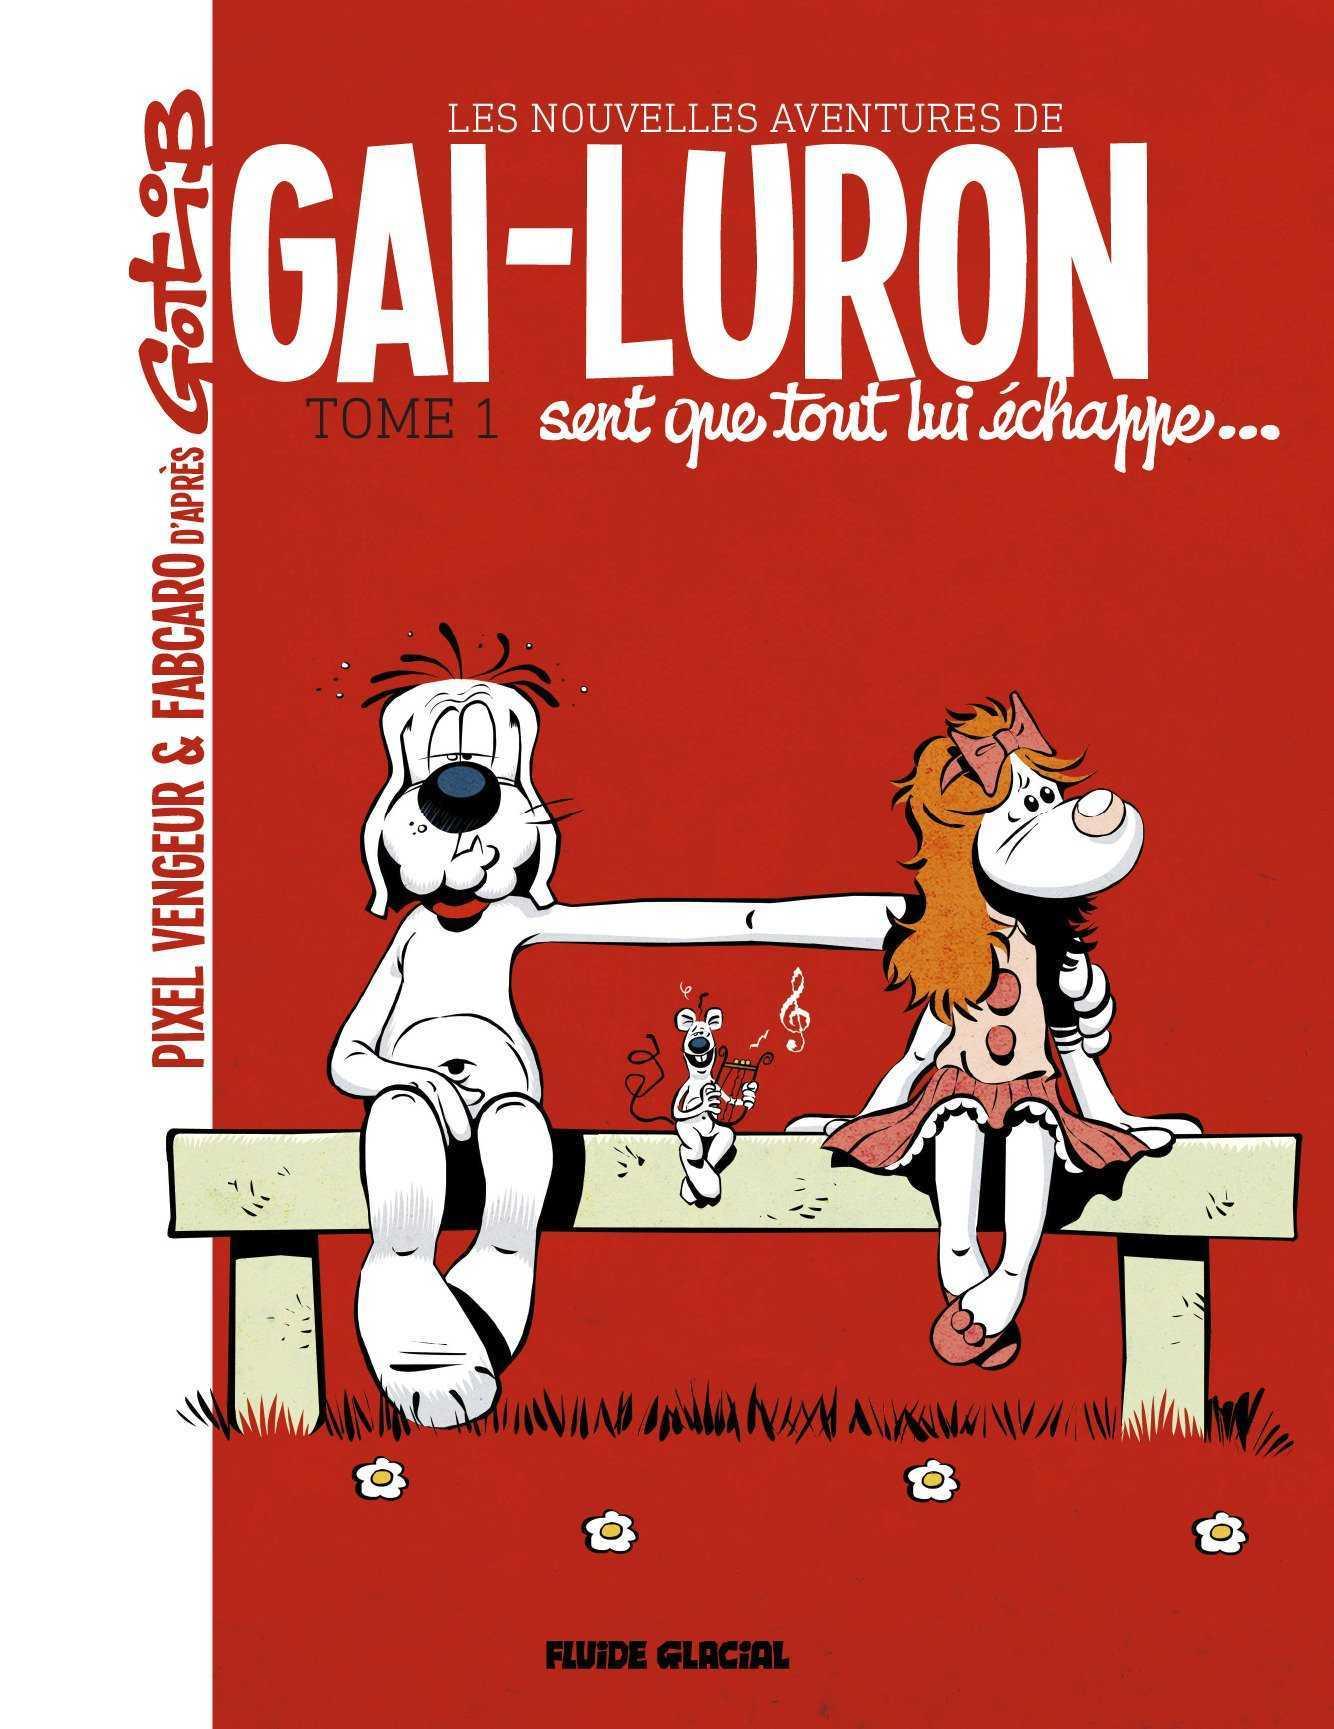 Gai-Luron, le grand jour après trente ans d'absence